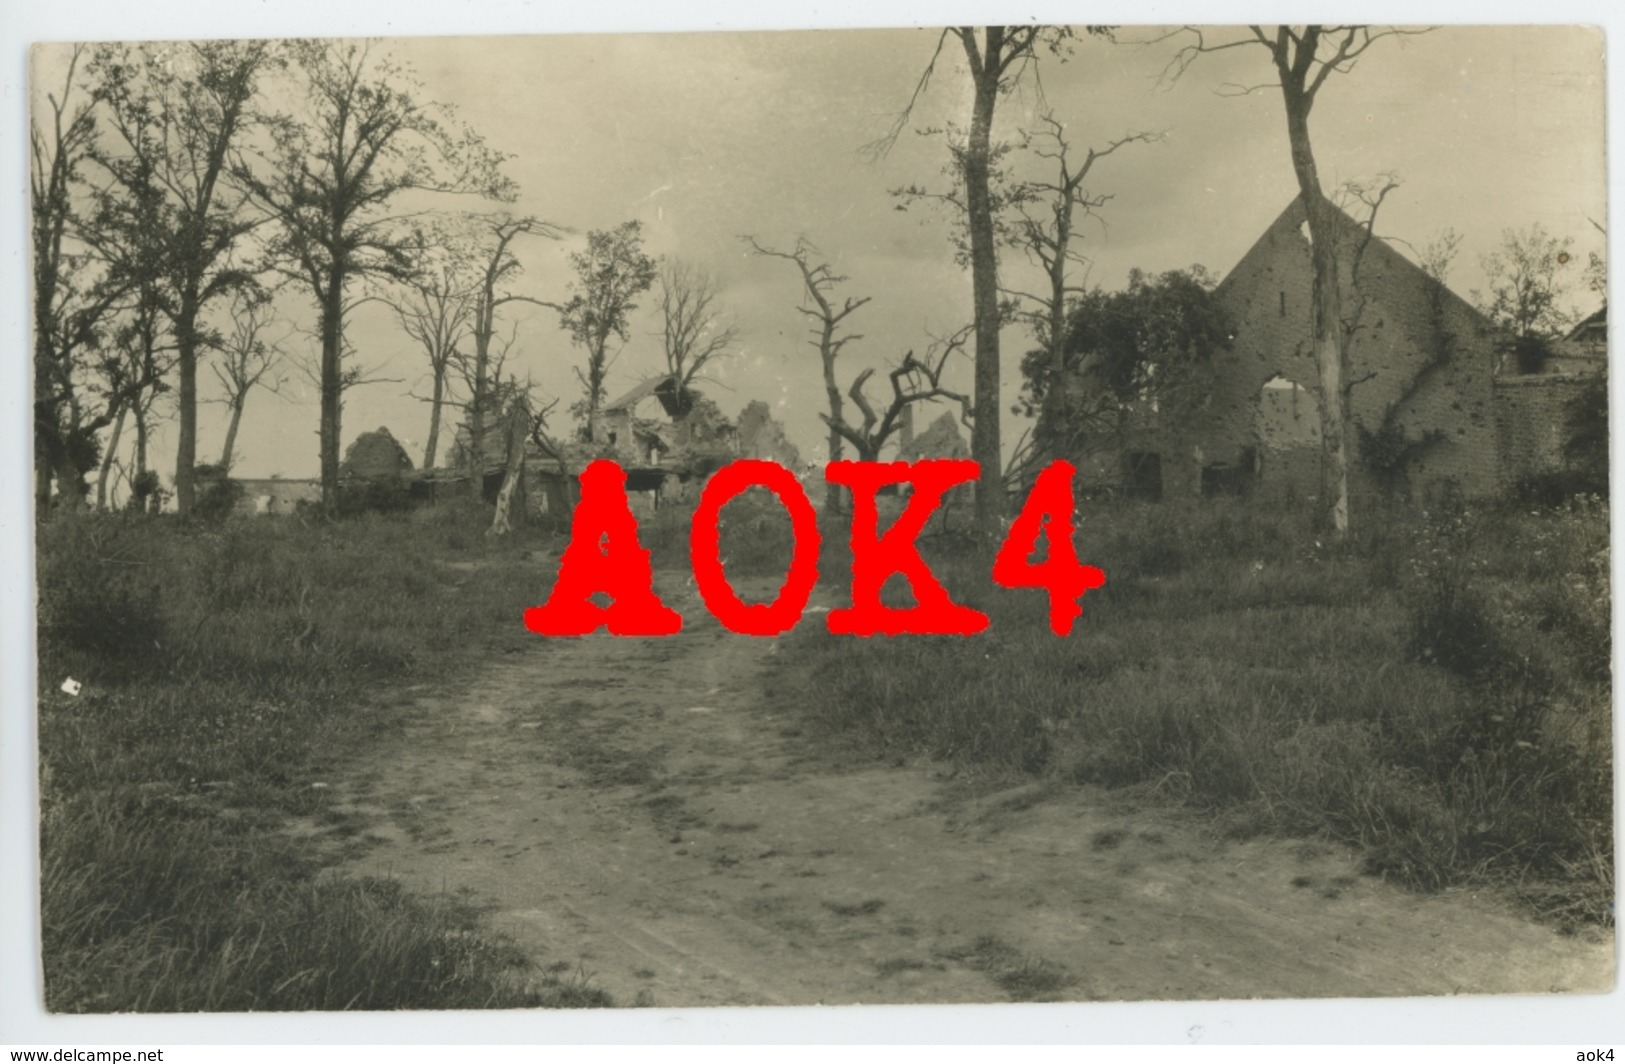 62 Arras FERME ST. SERVINS Haucourt Dury Cagnicourt Nordfrankreich Artois 1917 1918 - Autres Communes